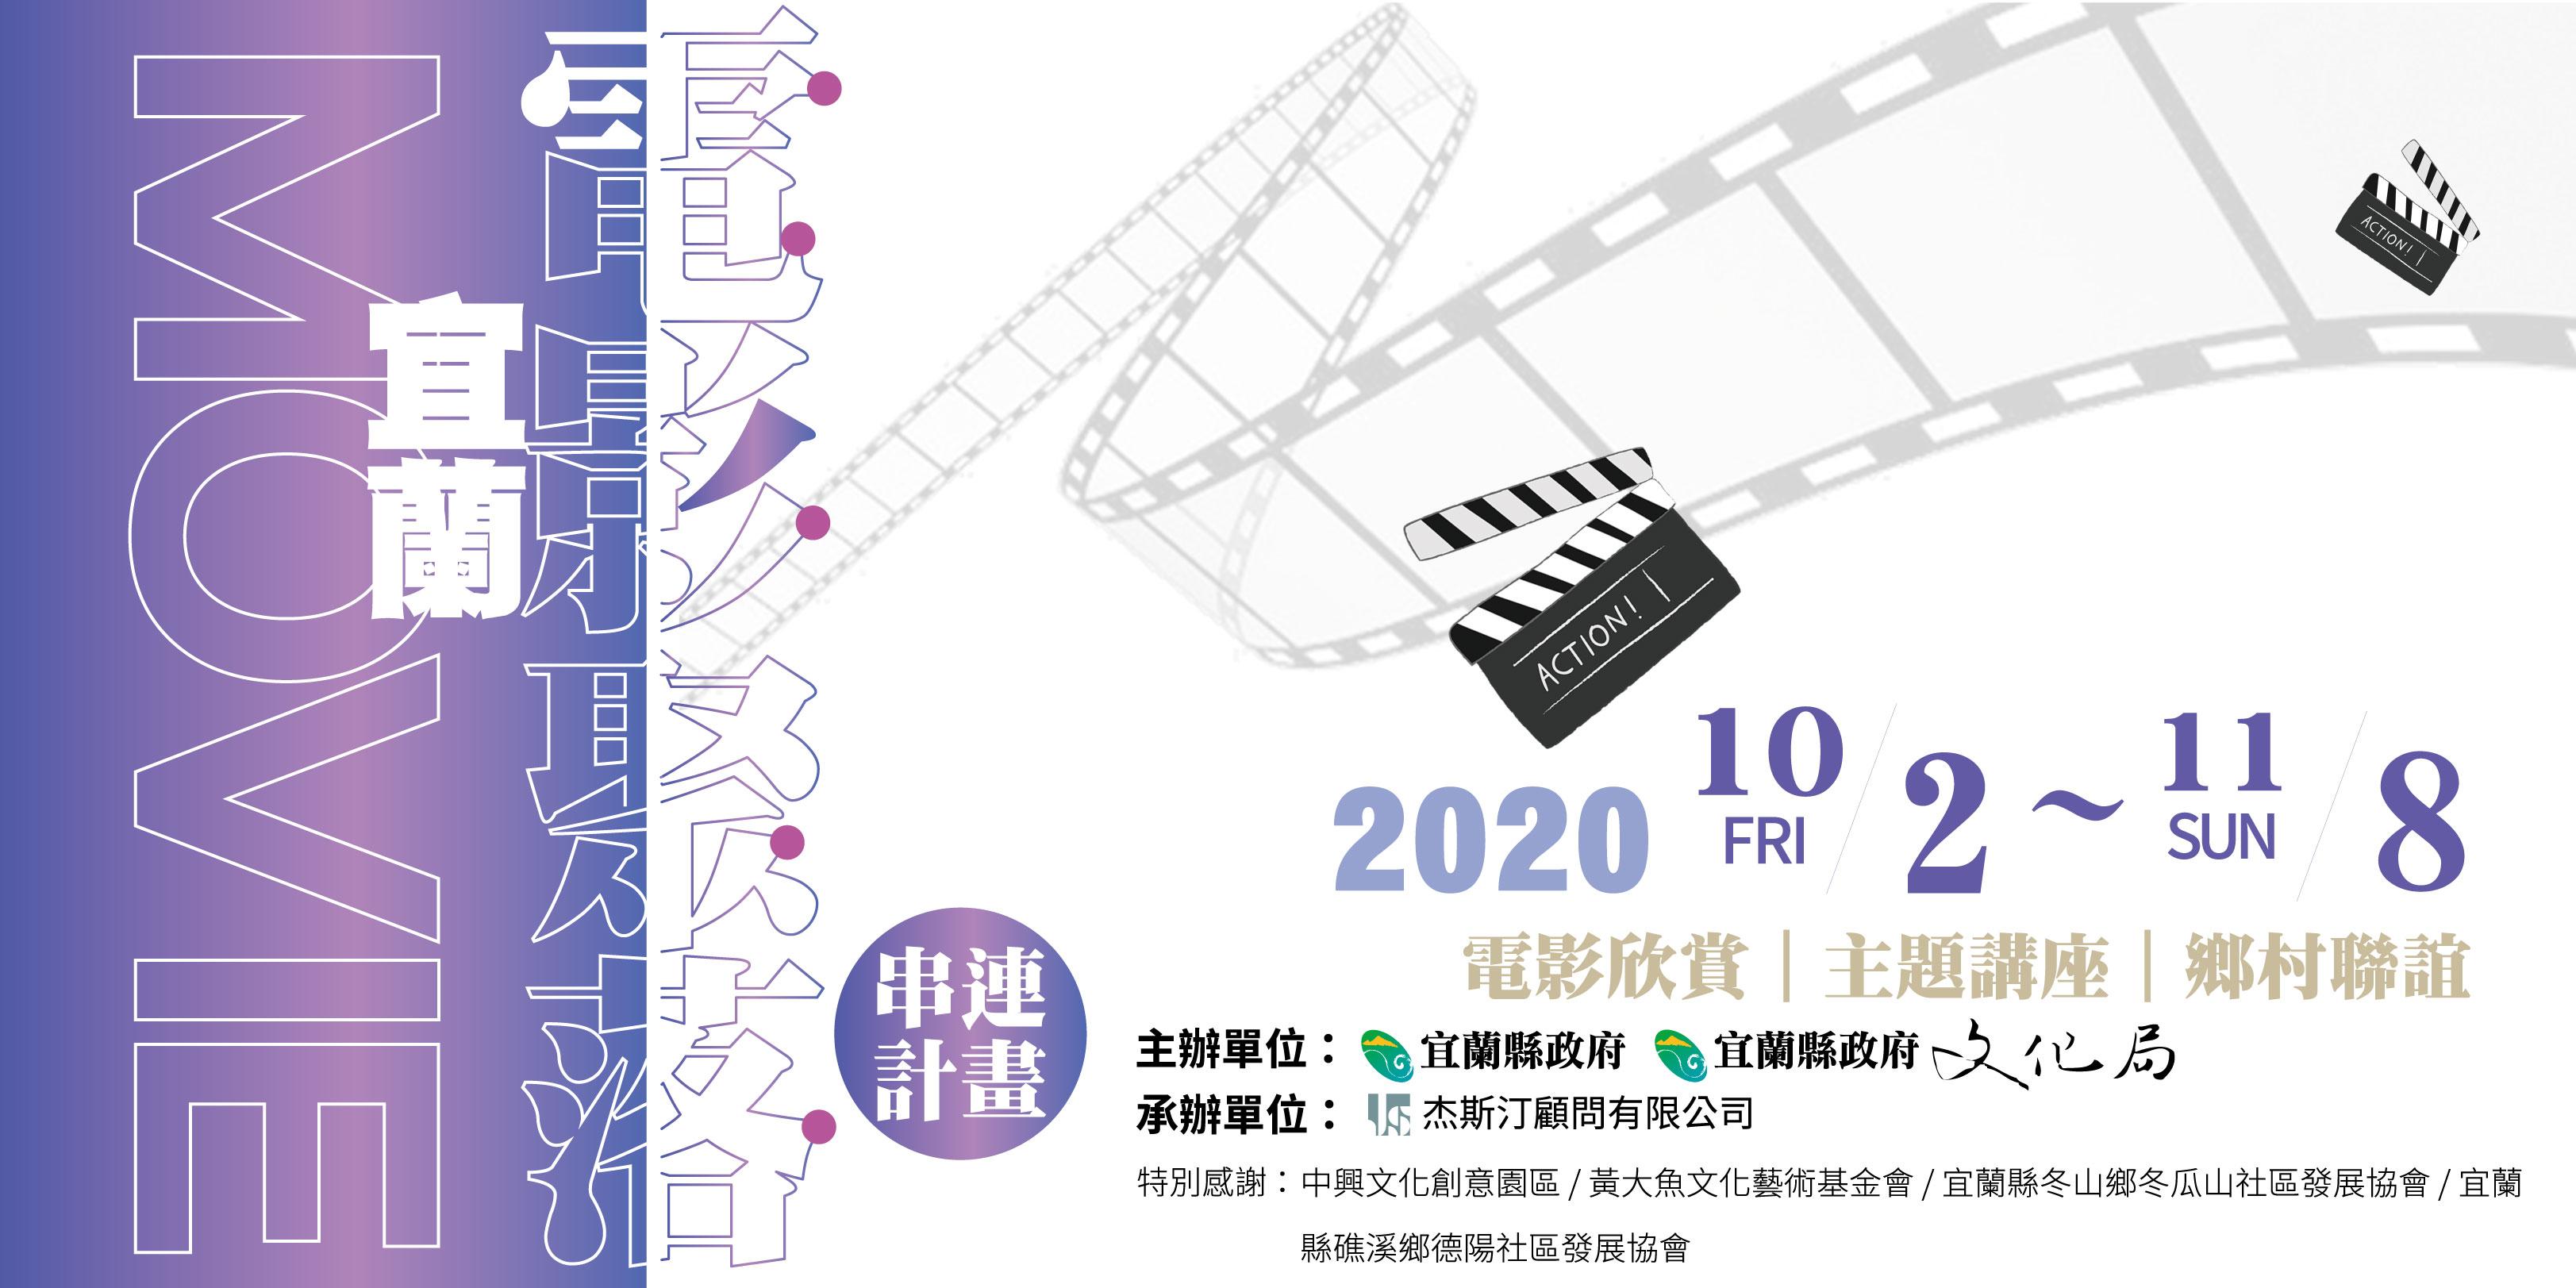 2020年宜蘭電影聚落串連計畫